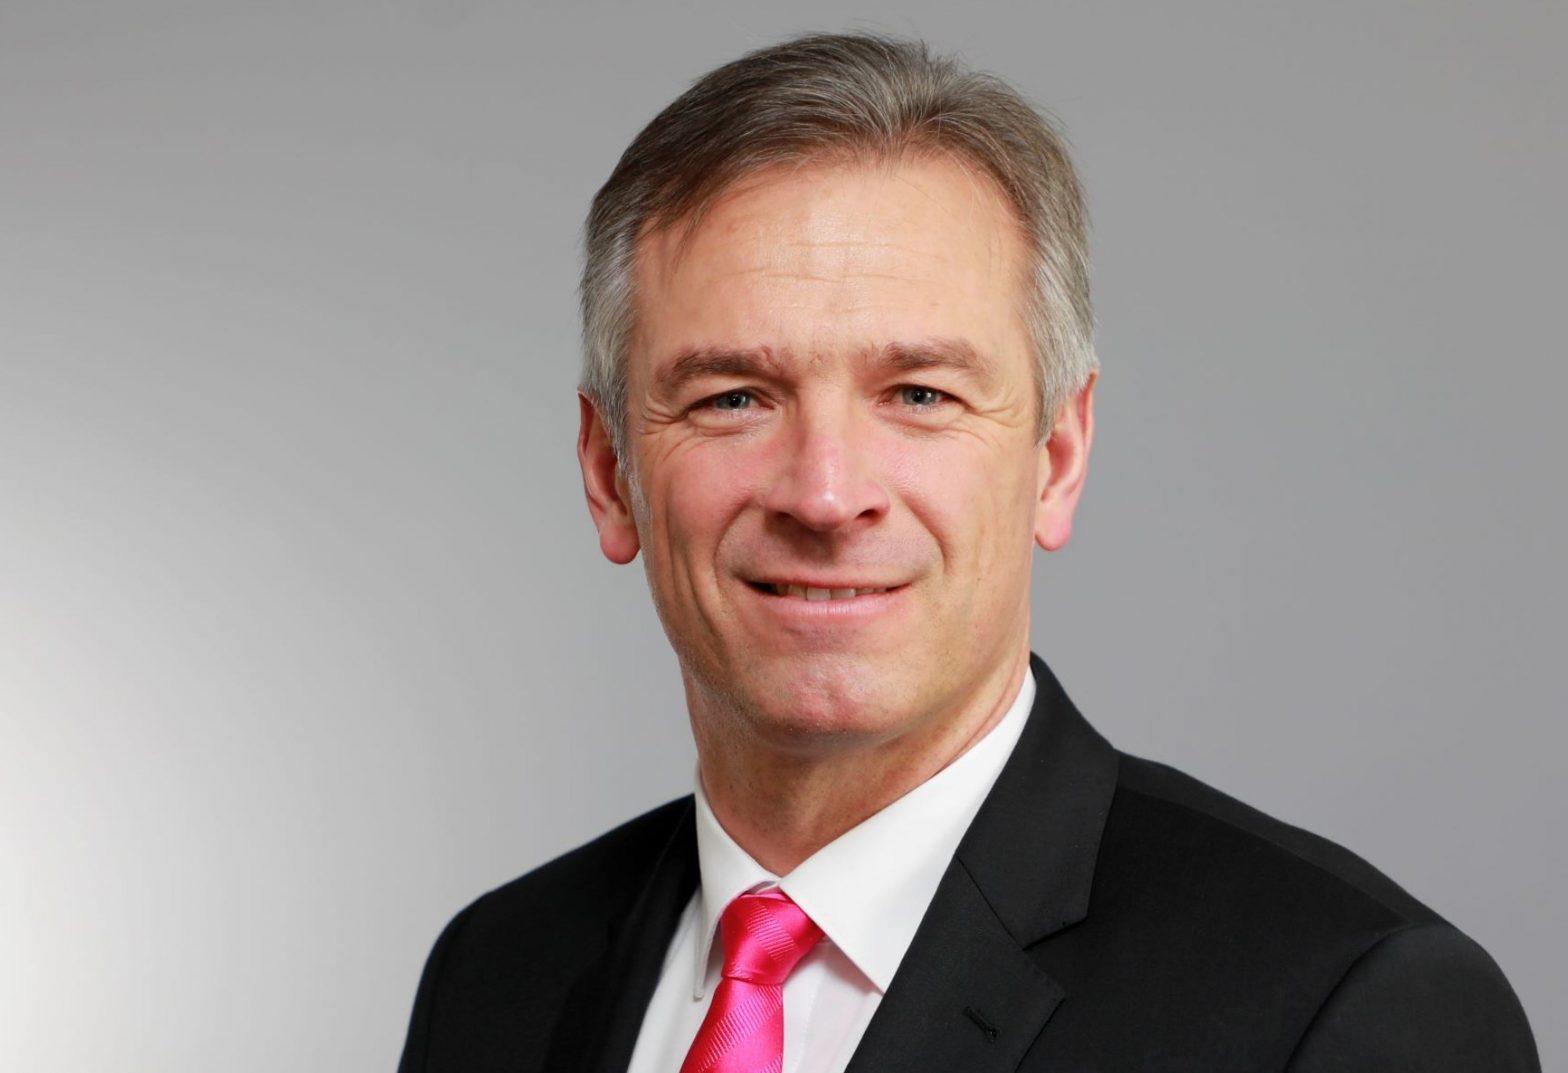 Markus Asch, CEO, Rittal